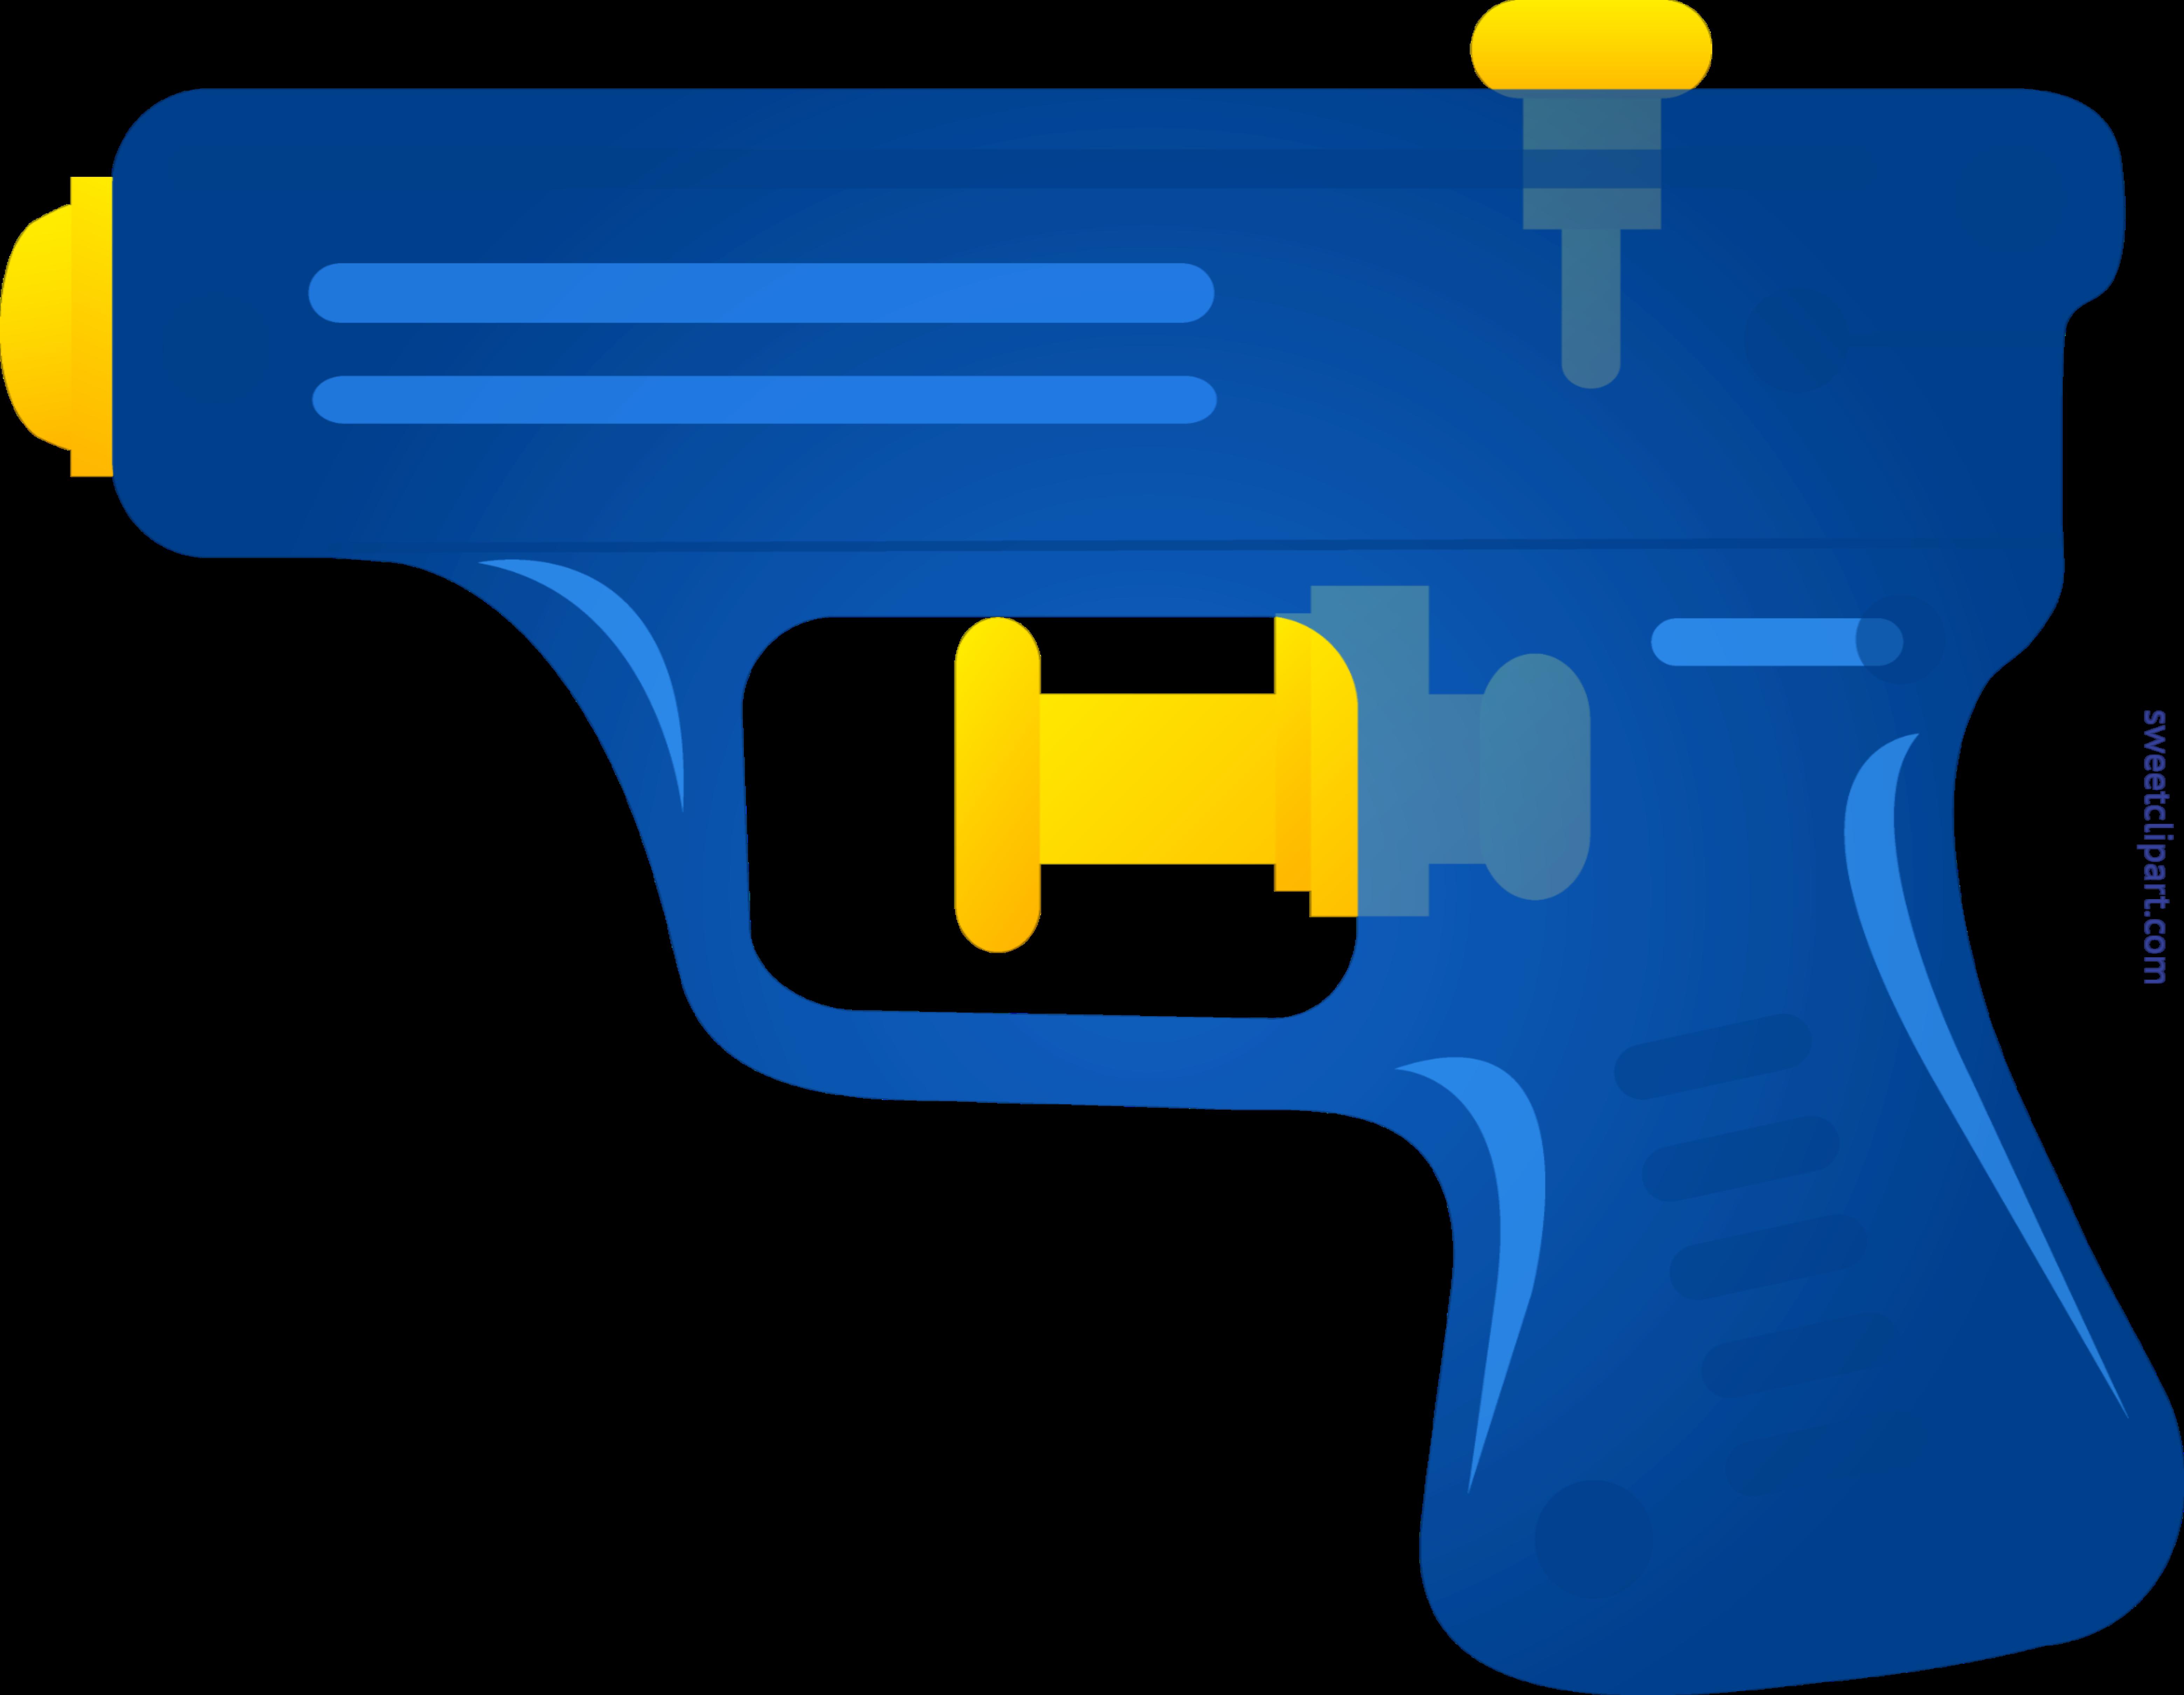 Gun clipart water gun. Squirt blue clip art